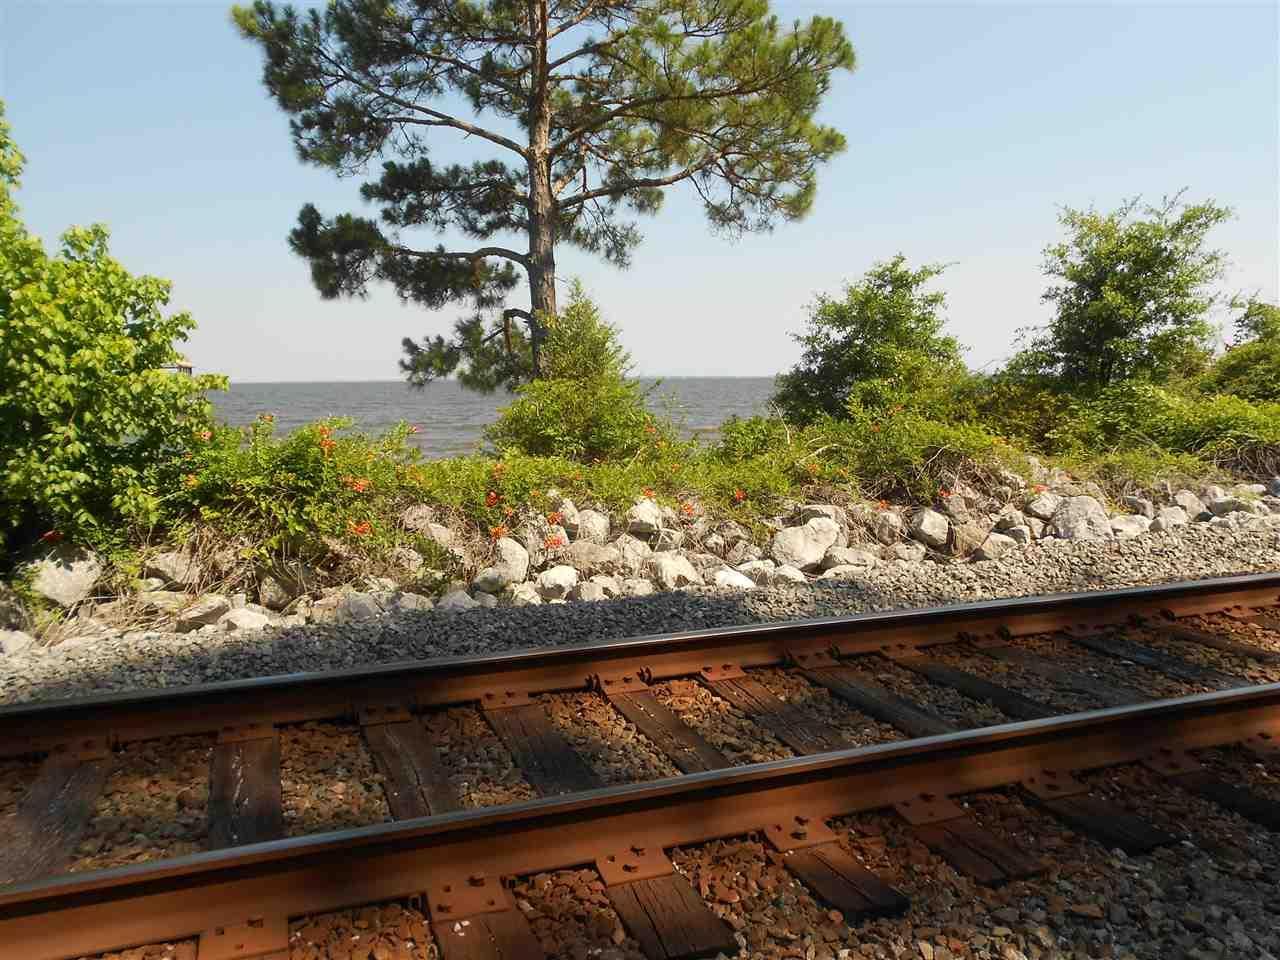 6400 Scenic Hwy, Pensacola, FL 32504